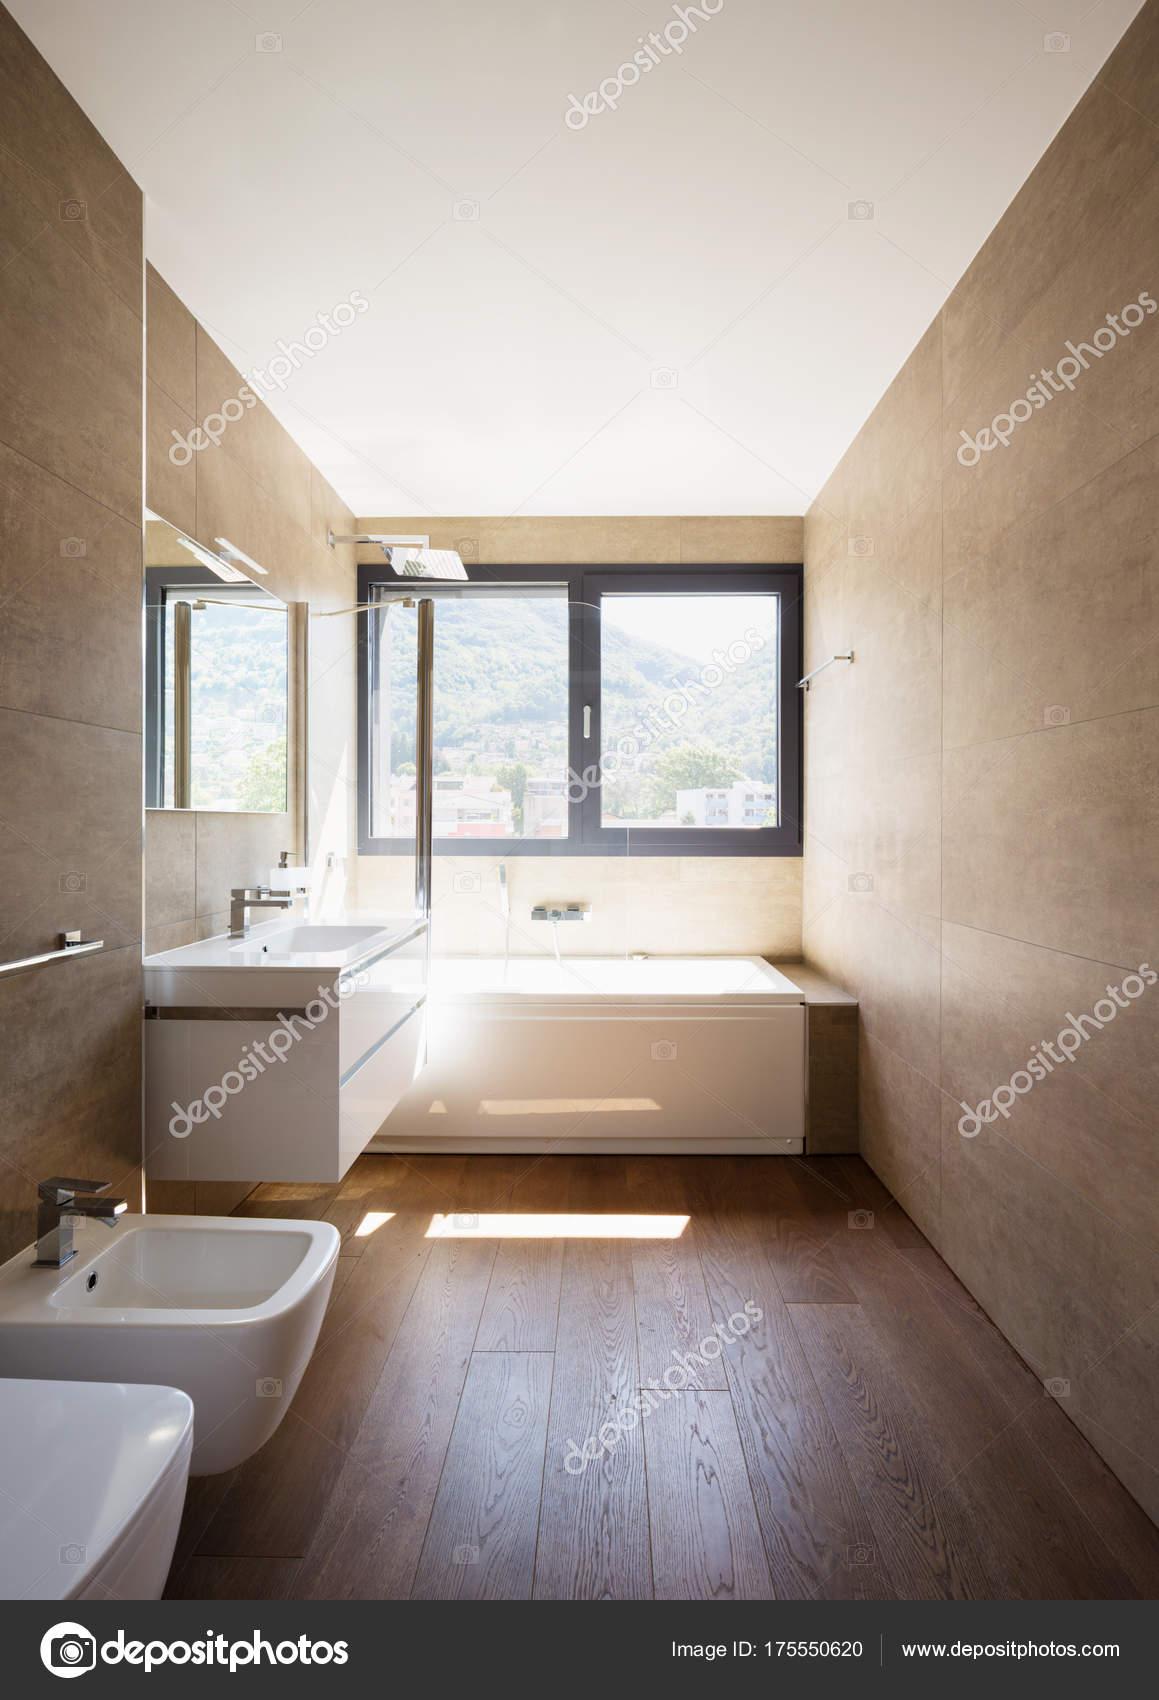 moderne luxe badkamer — Stockfoto © Zveiger #175550620